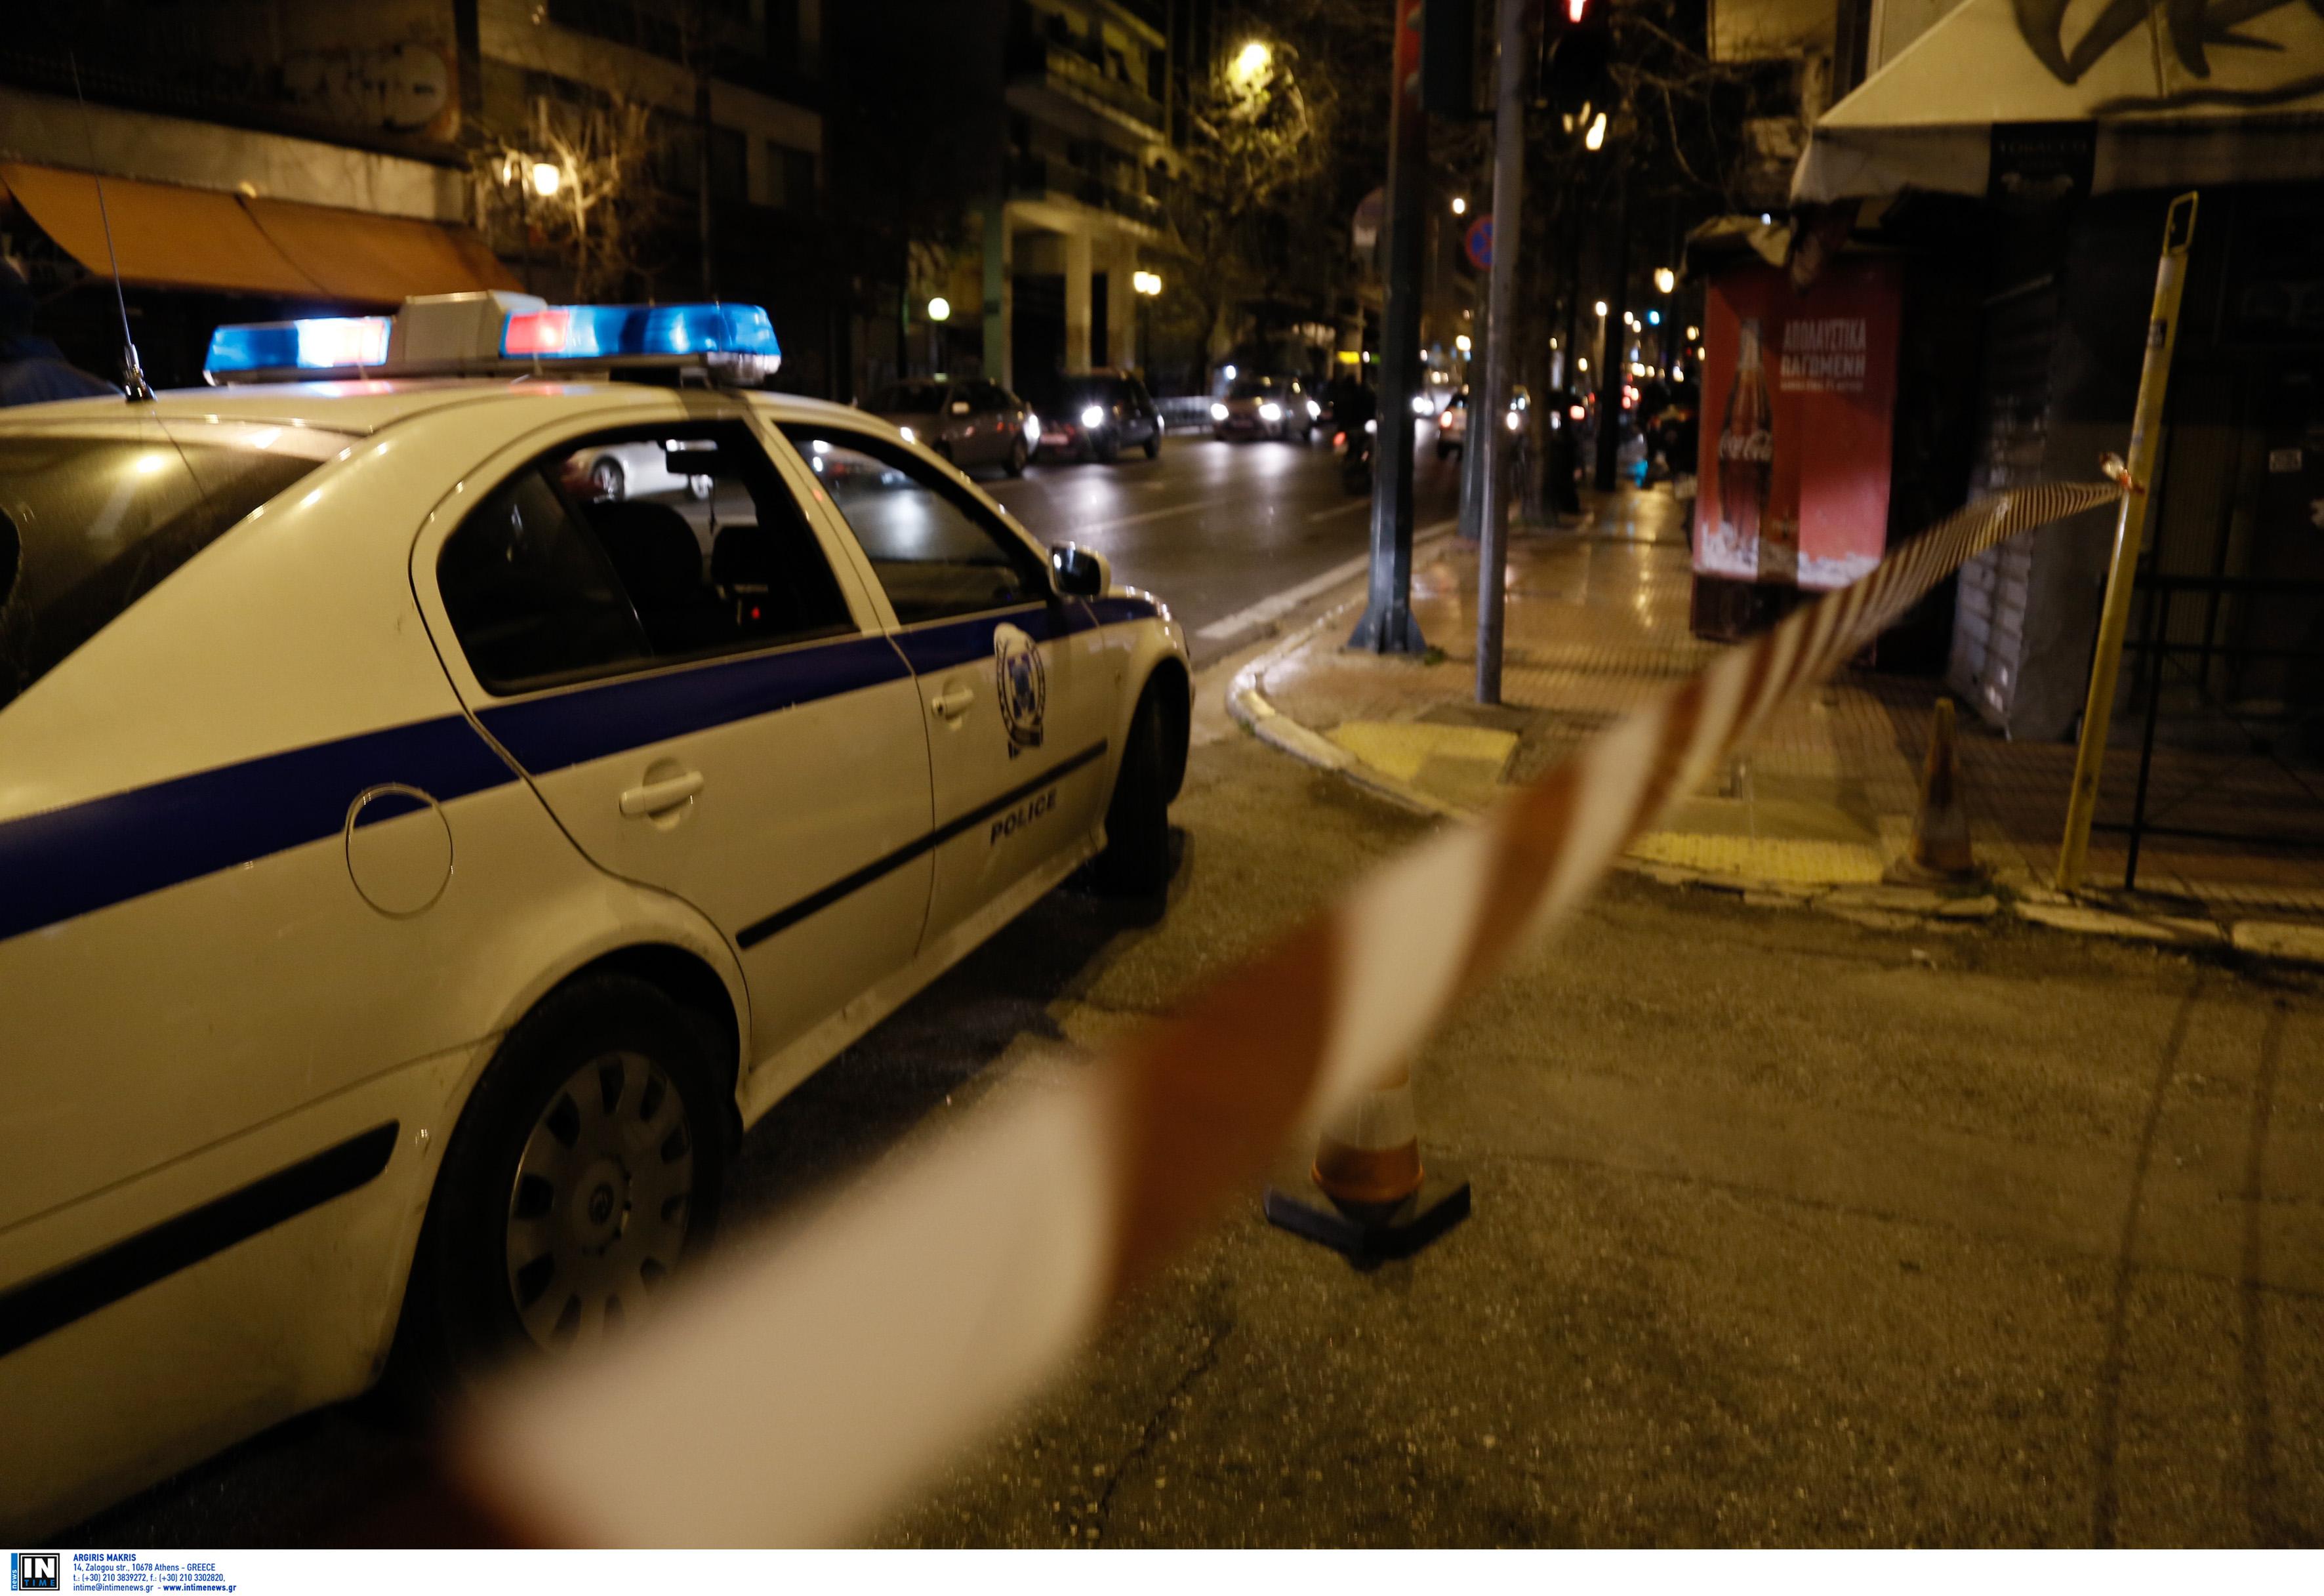 """""""Μπούκαραν"""" με αυτοκίνητο σε γνωστό κατάστημα στην Καλλιθέα – Πήραν λάπτοπ και κινητά πριν εξαφανιστούν"""